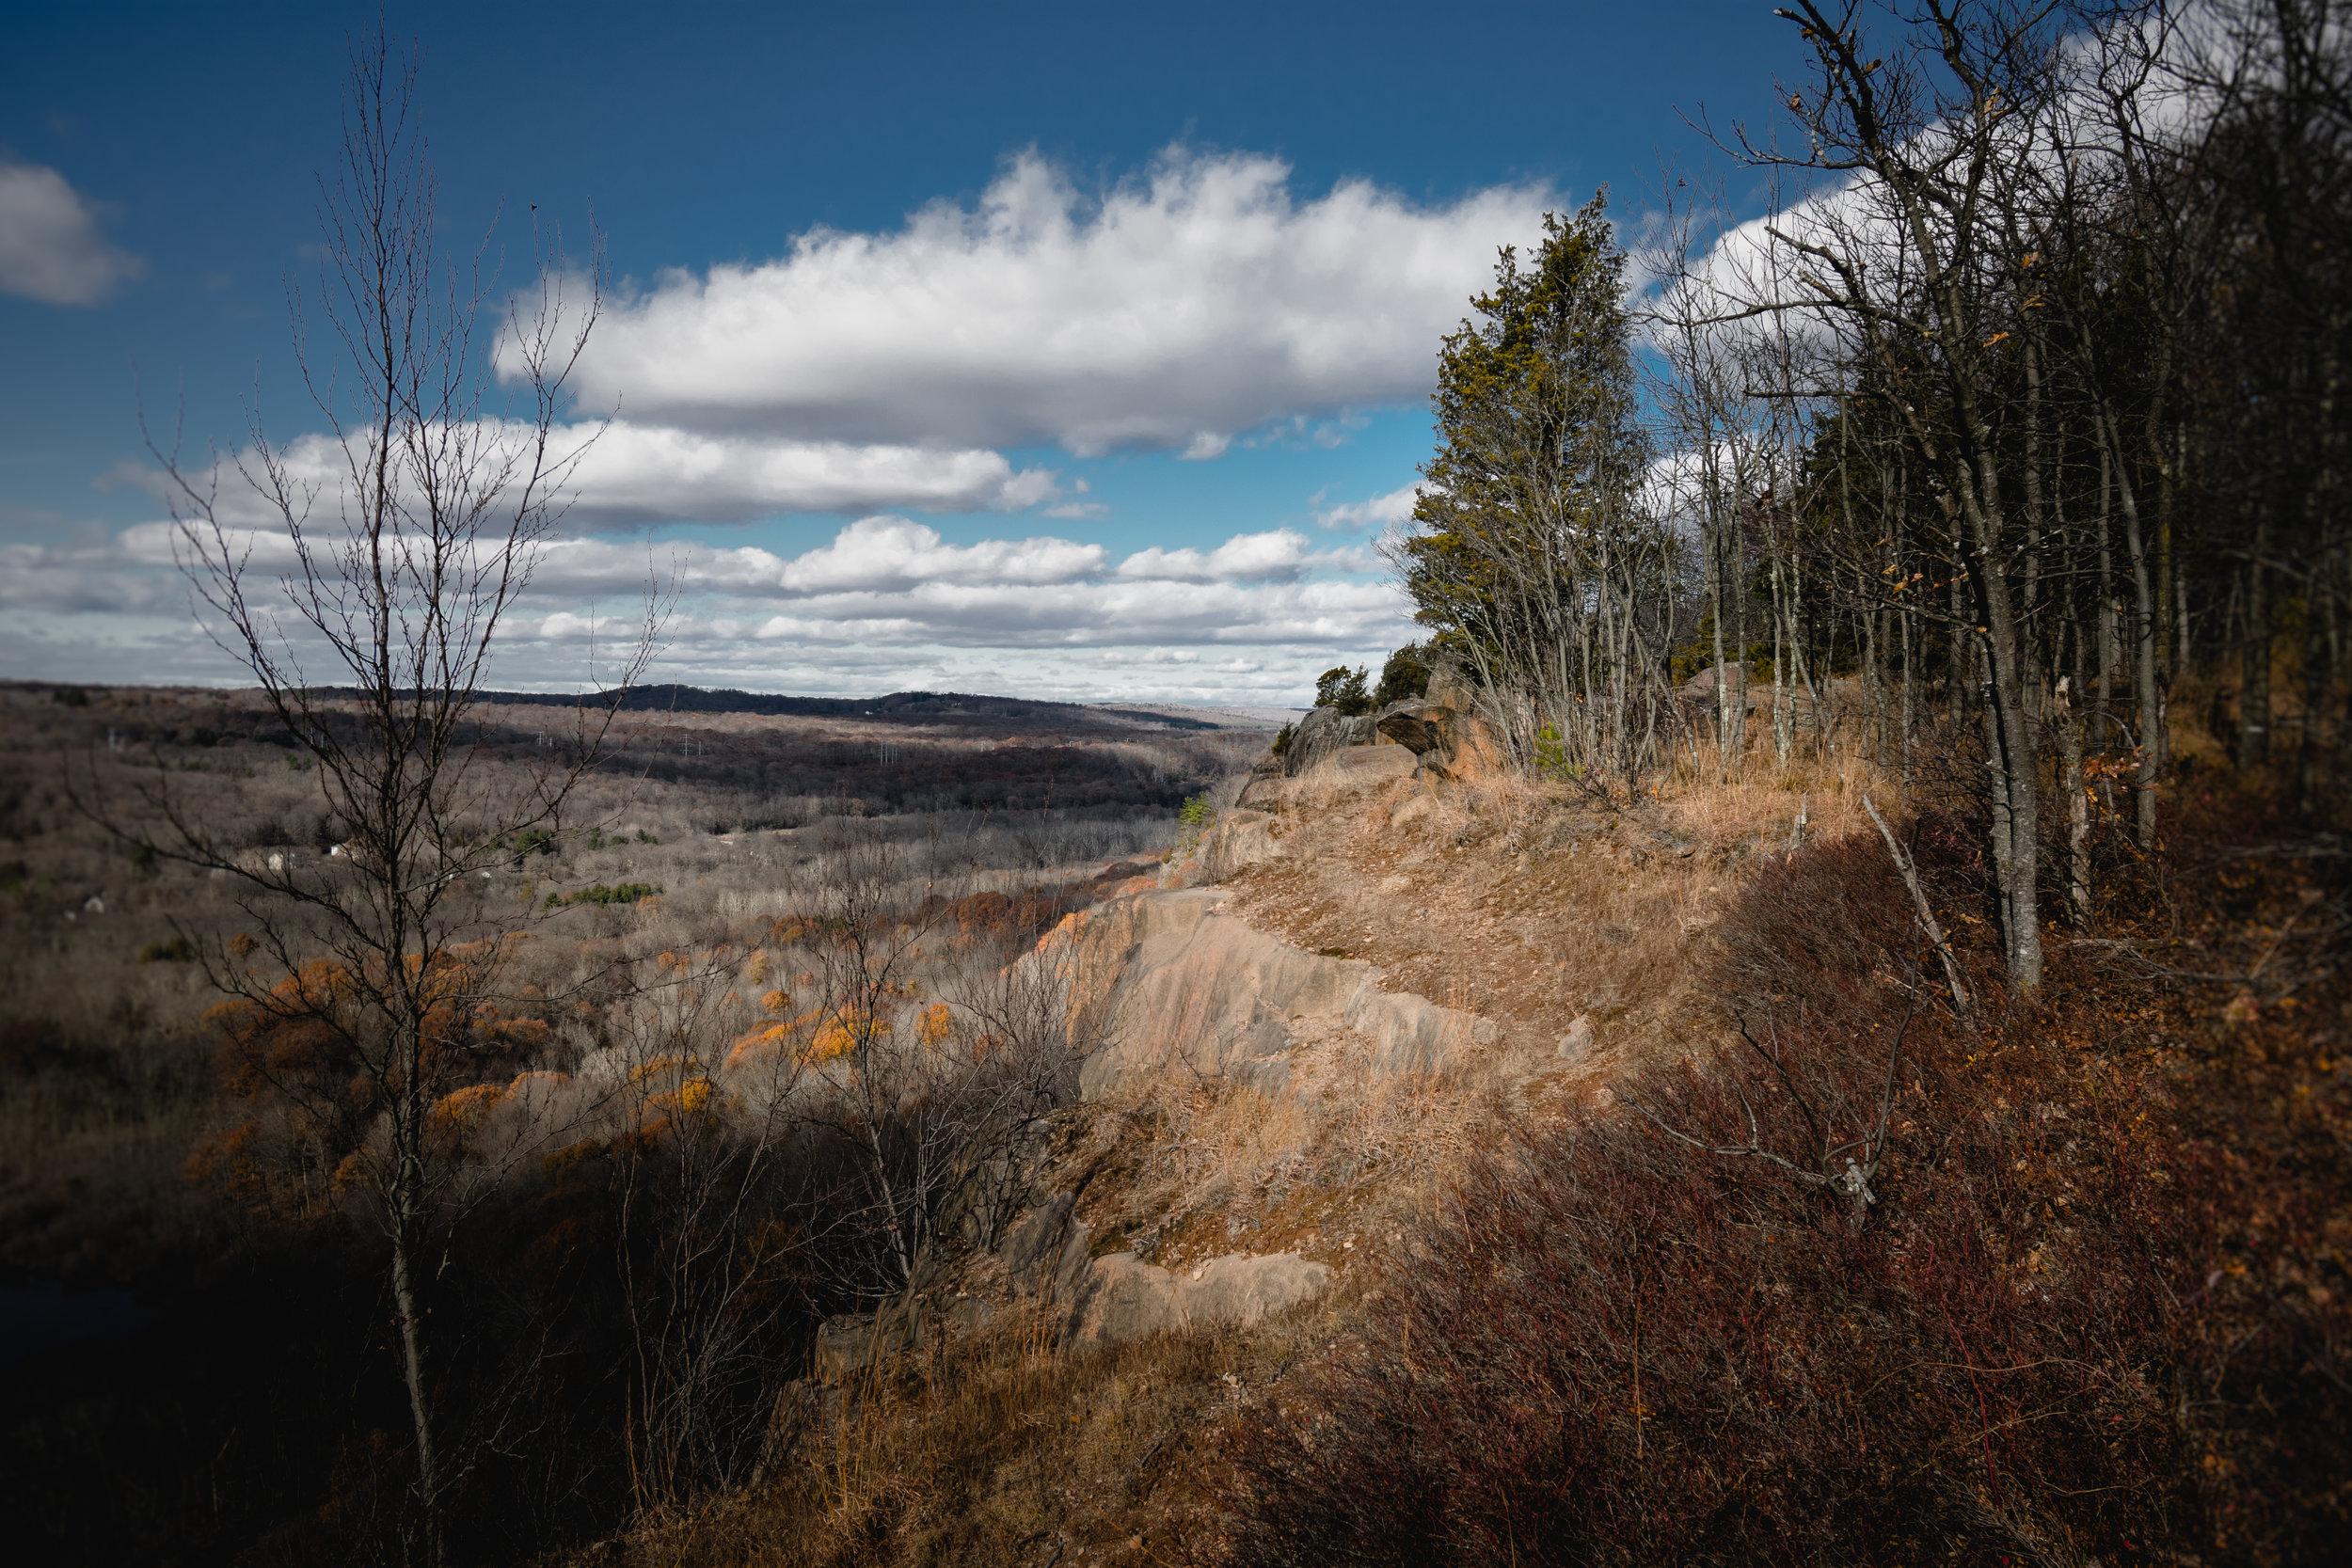 West Rock, Looking North